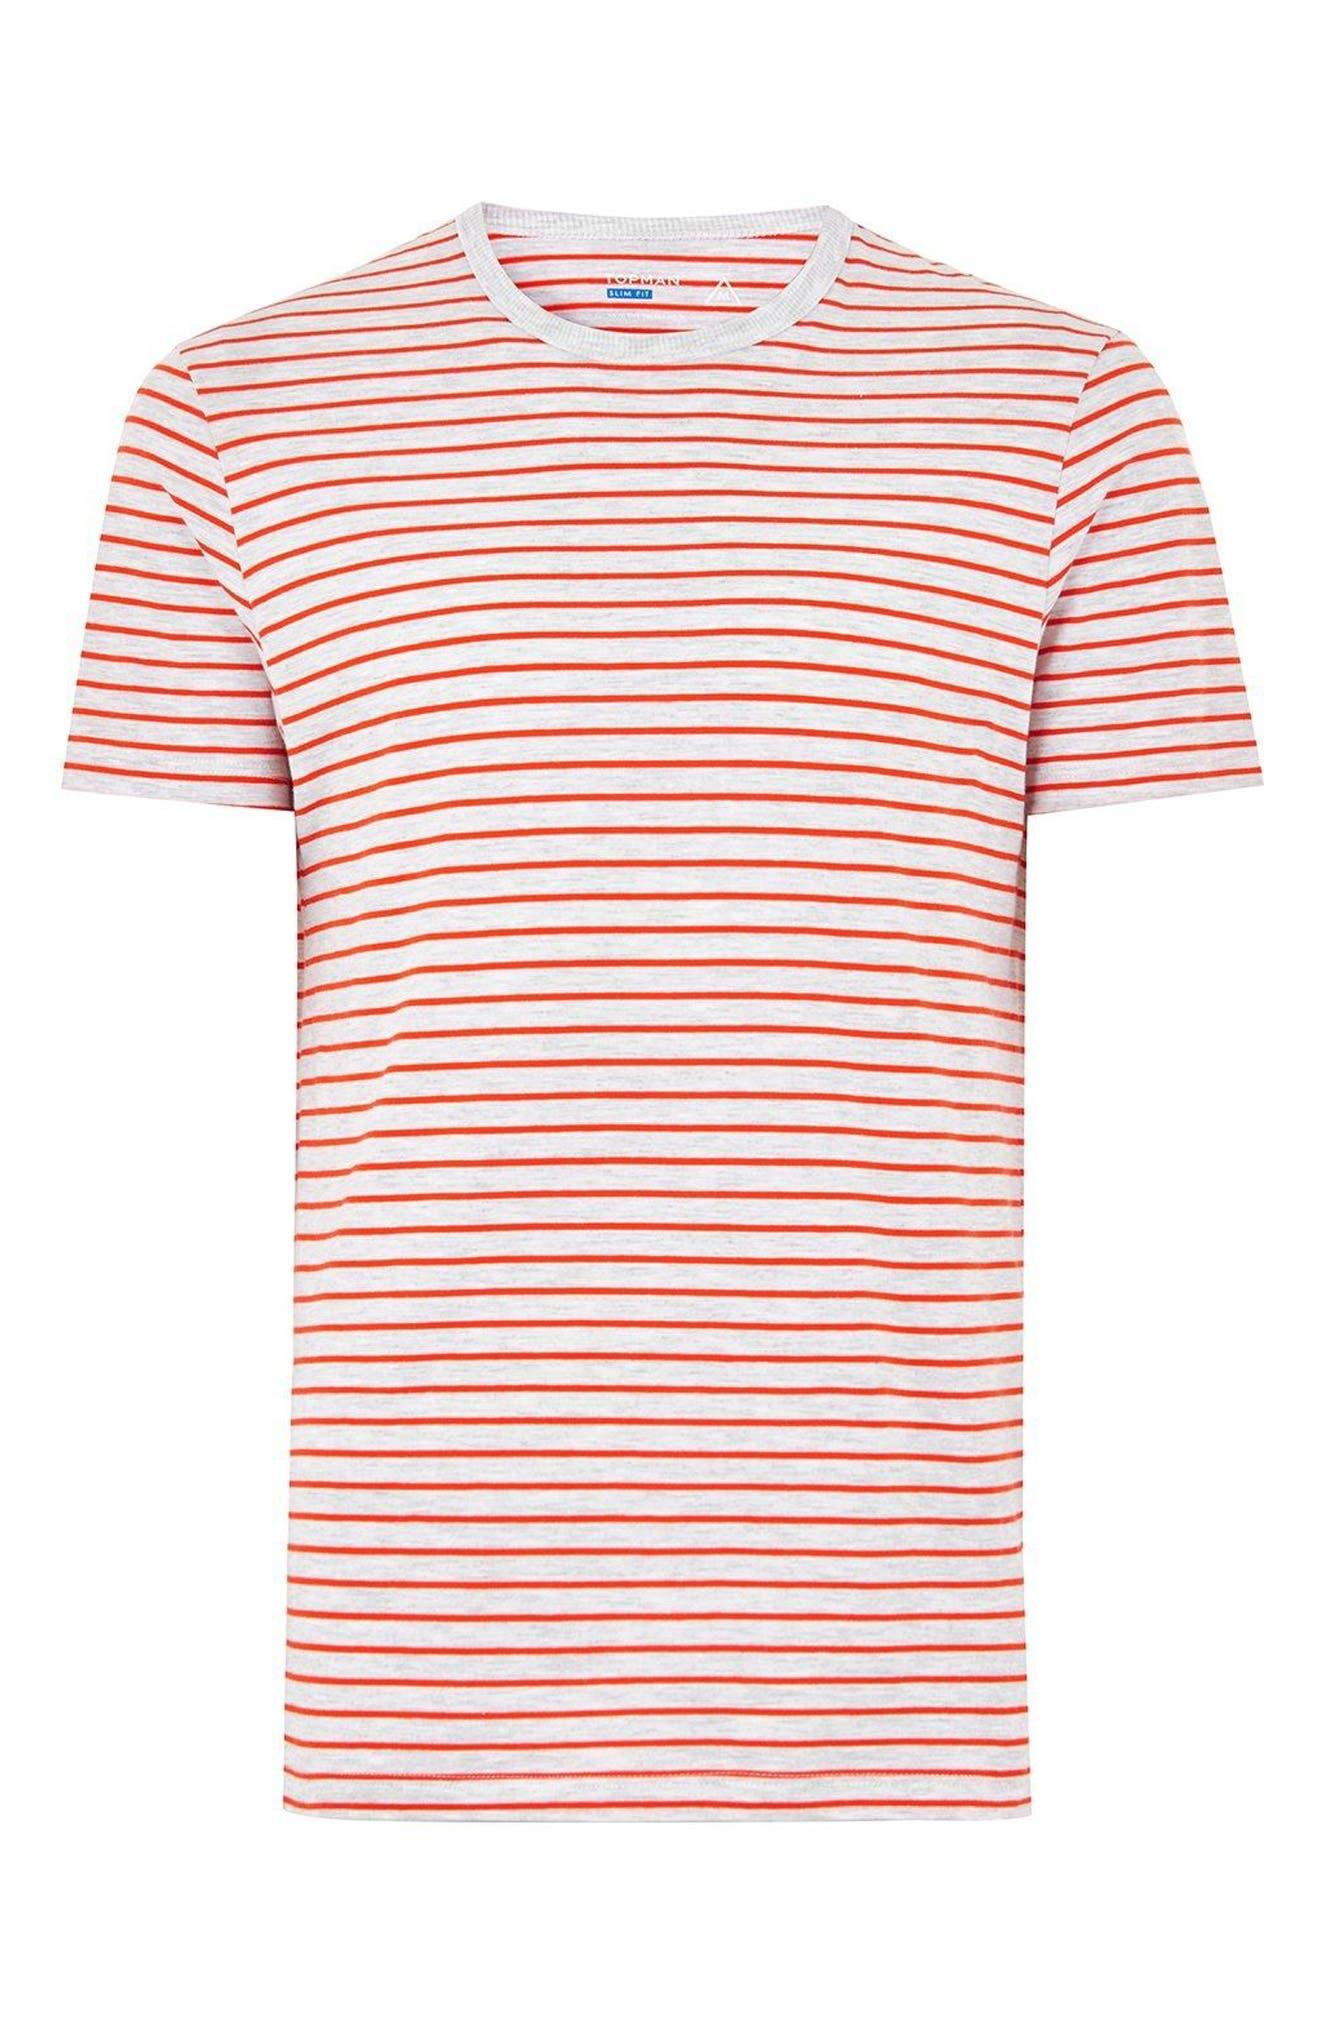 Stripe T-Shirt,                             Alternate thumbnail 3, color,                             Orange Multi